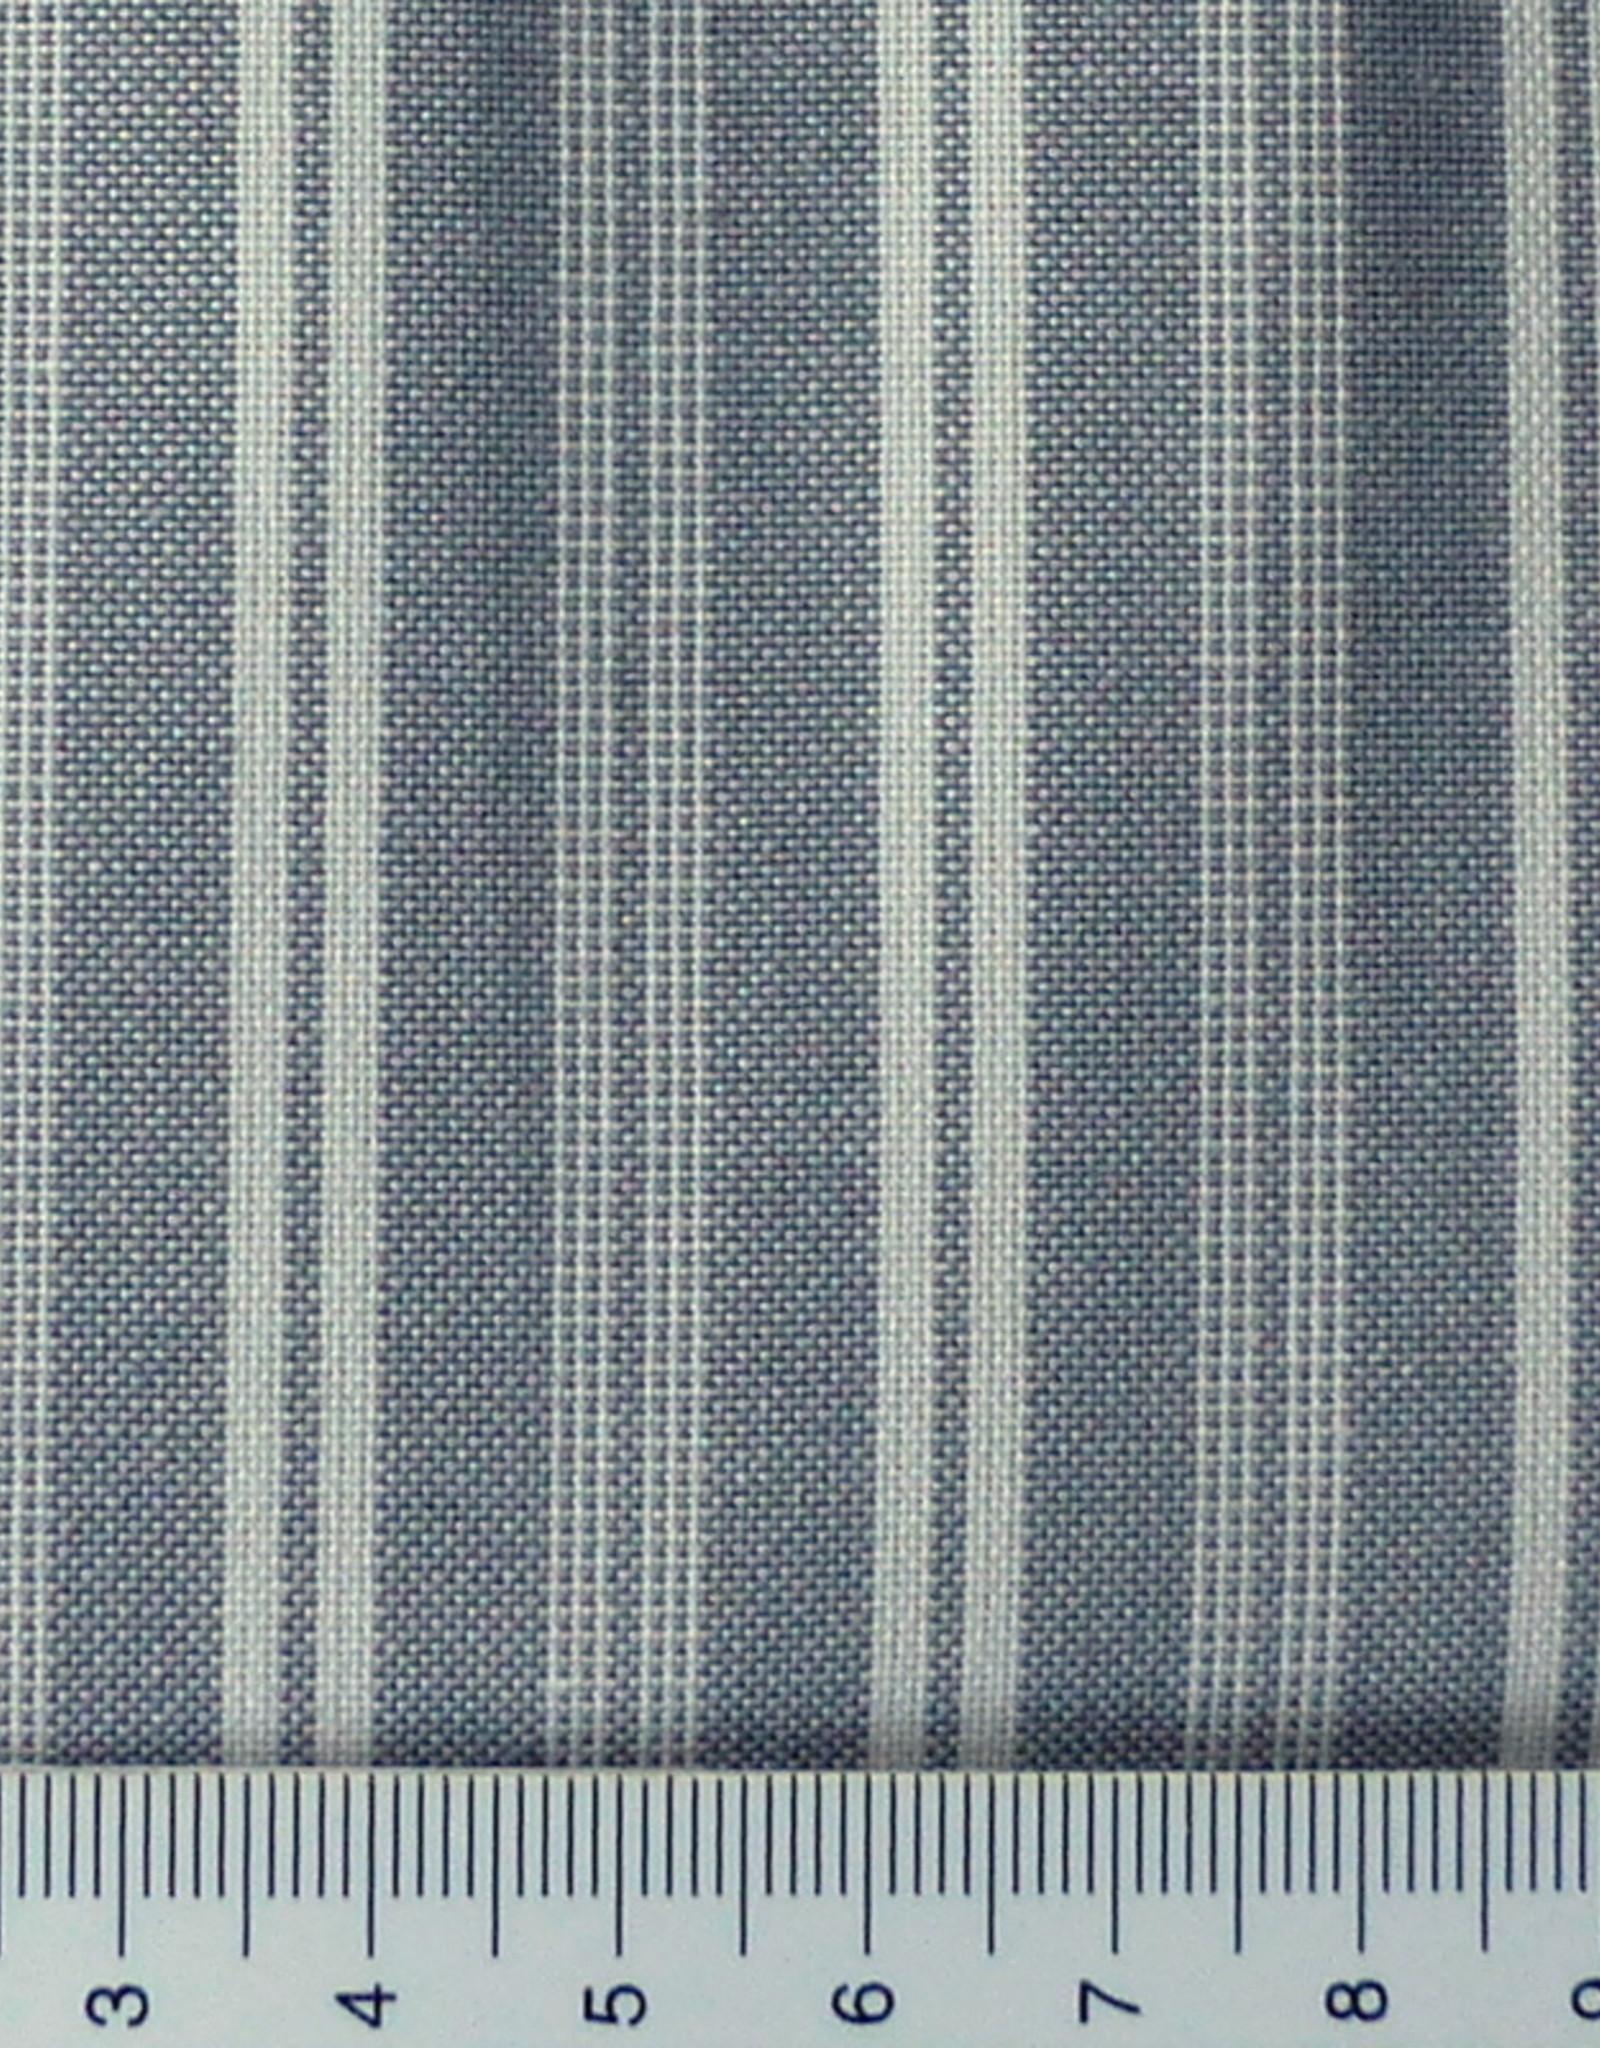 Westfalenstoffe AG 10 cm Webstreifen grau weiß